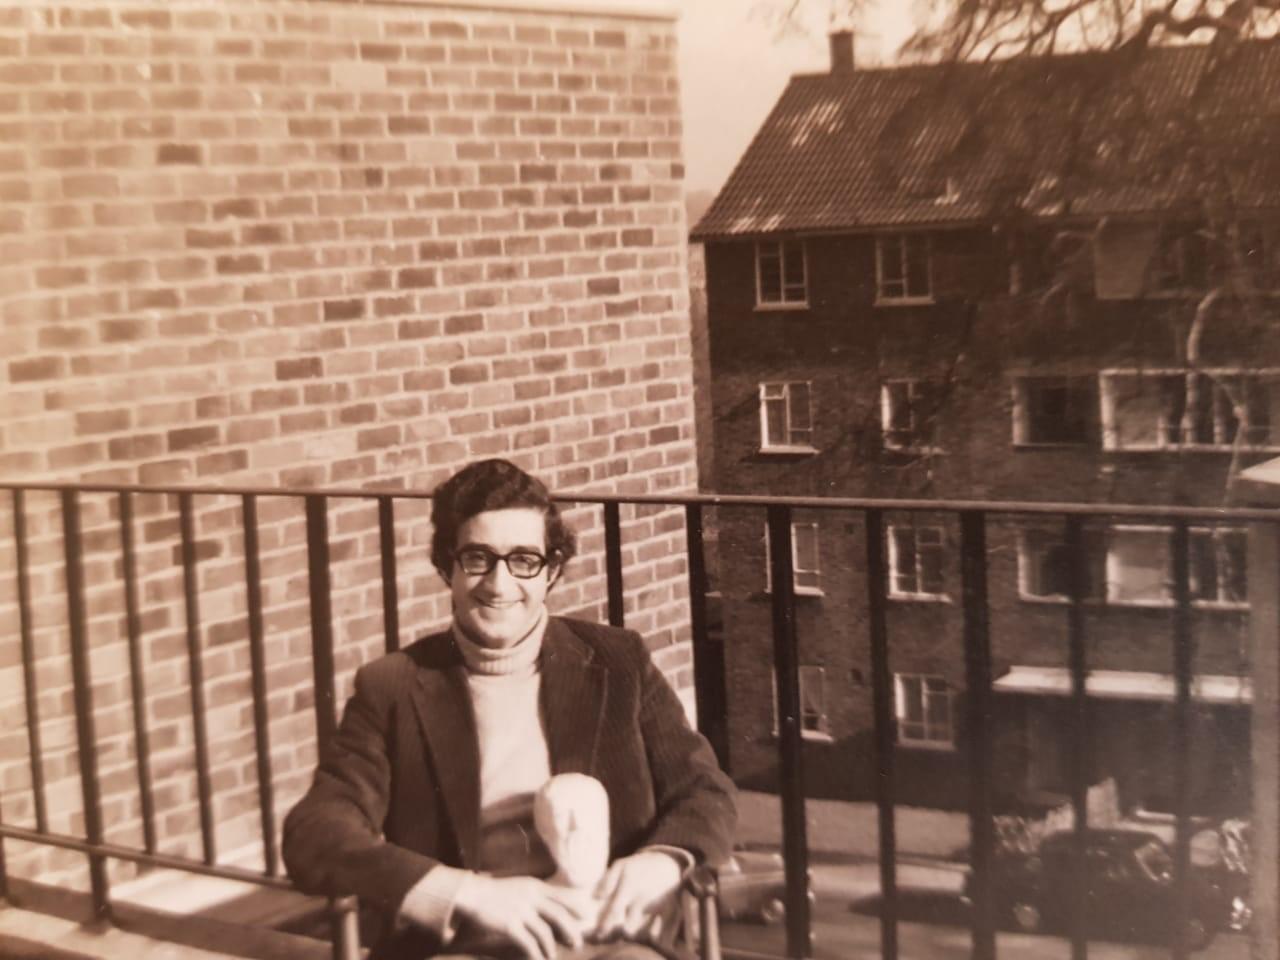 في-أحد-مباني-جامعة-لندن-السكنية-يوم-كان-طالباً-حاملاً-تمثال-أفلاطون